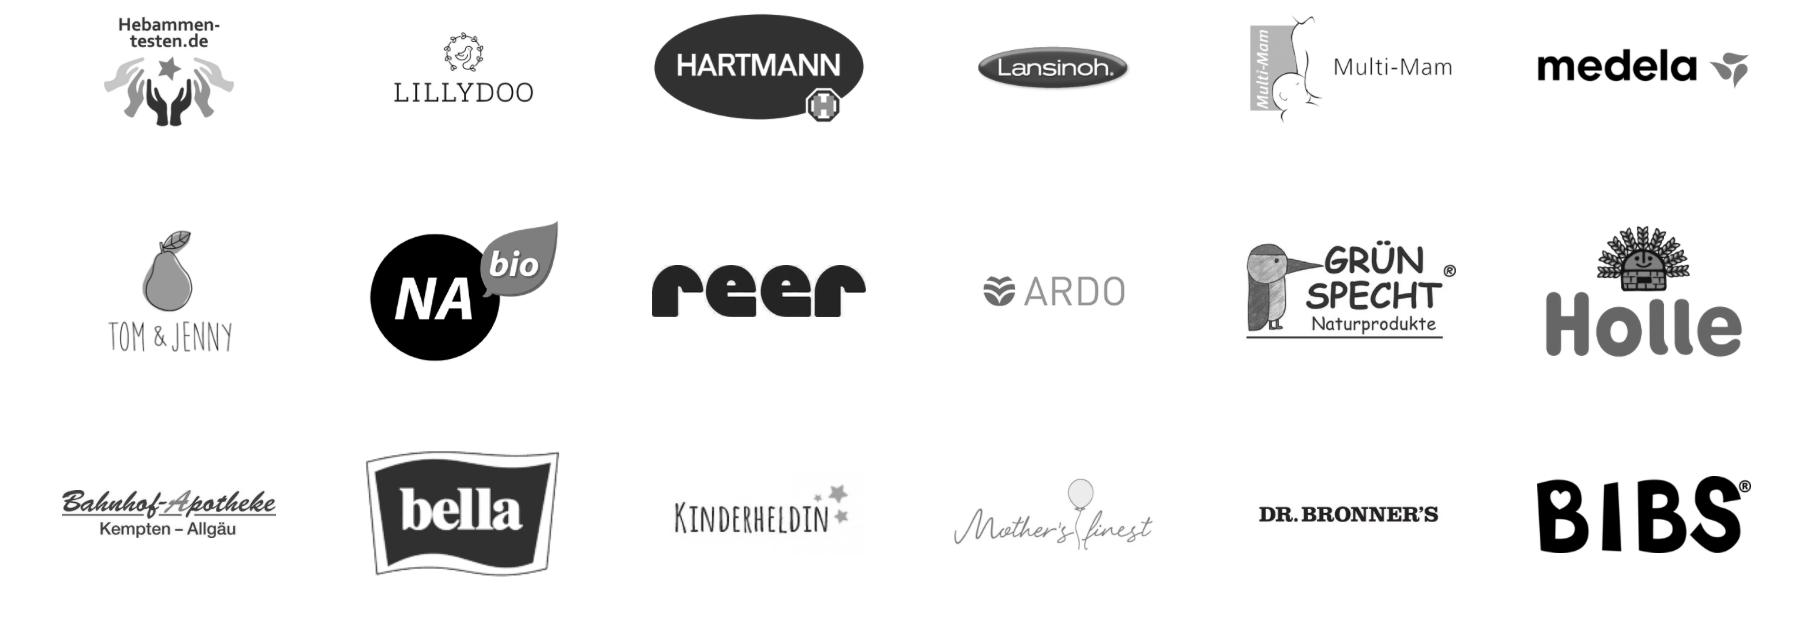 Wir kollaborieren und Partnern nur mit hochwertigen Marken und erstklassigen Produkten die unsere erfahrenen Hebammen empfehlen